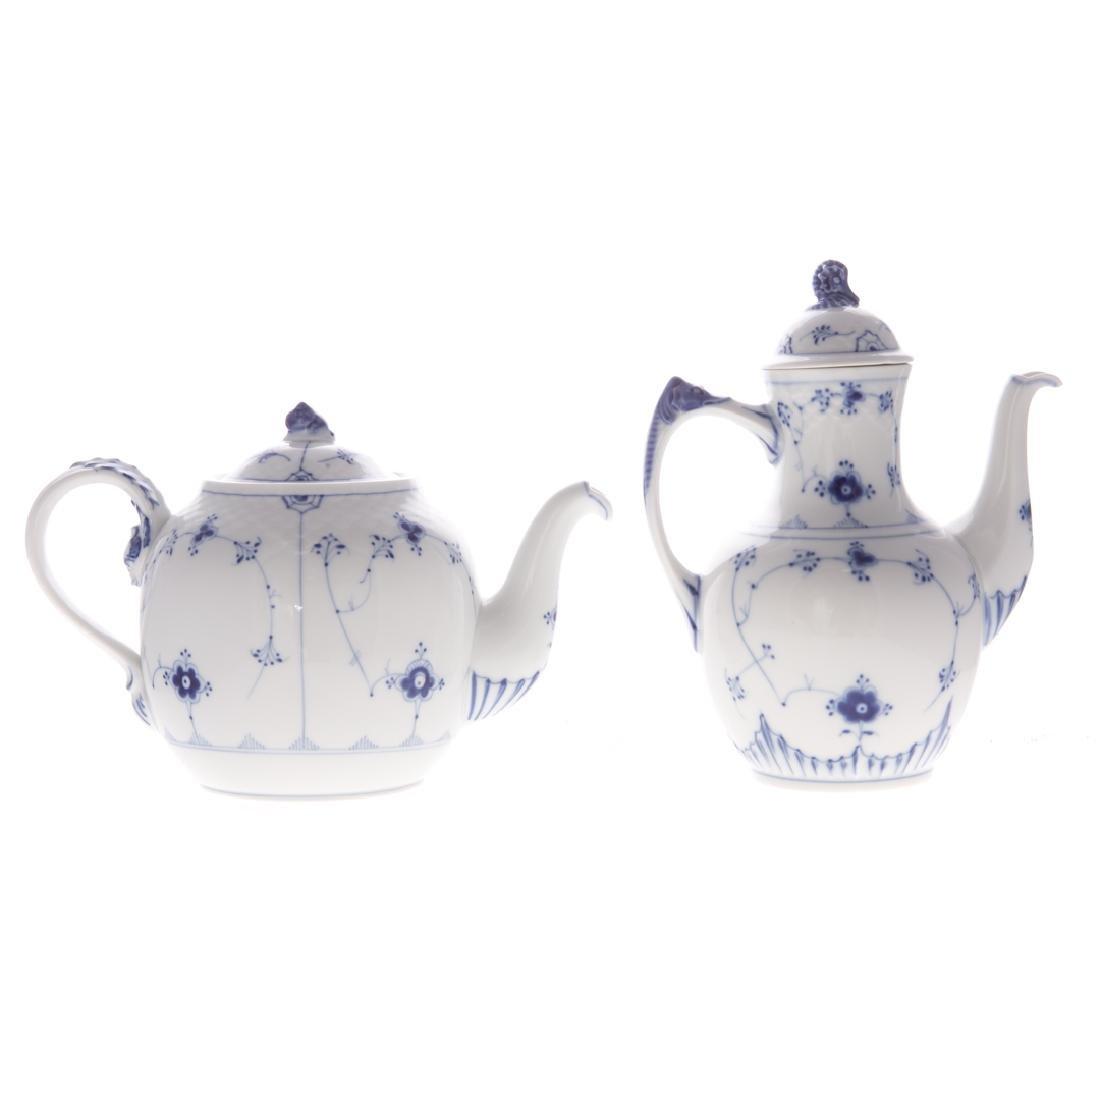 14 Royal Copenhagen porcelain table articles - 6